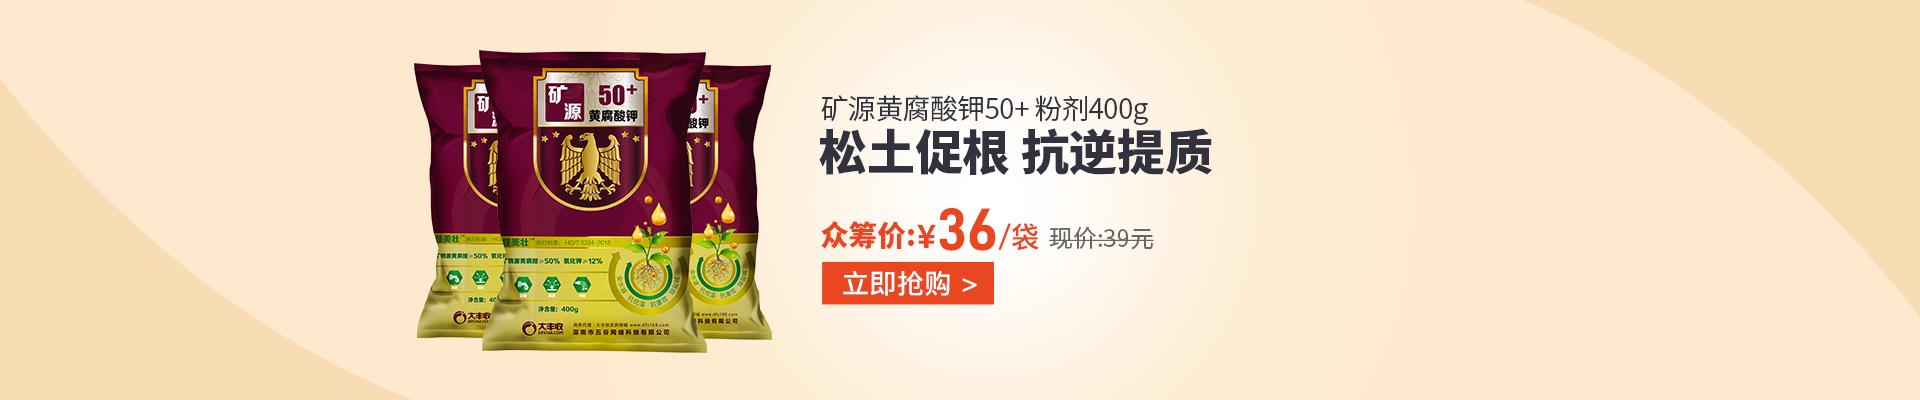 【10月】众筹-佳美壮 矿源黄腐酸钾50+ 粉剂400g*10袋